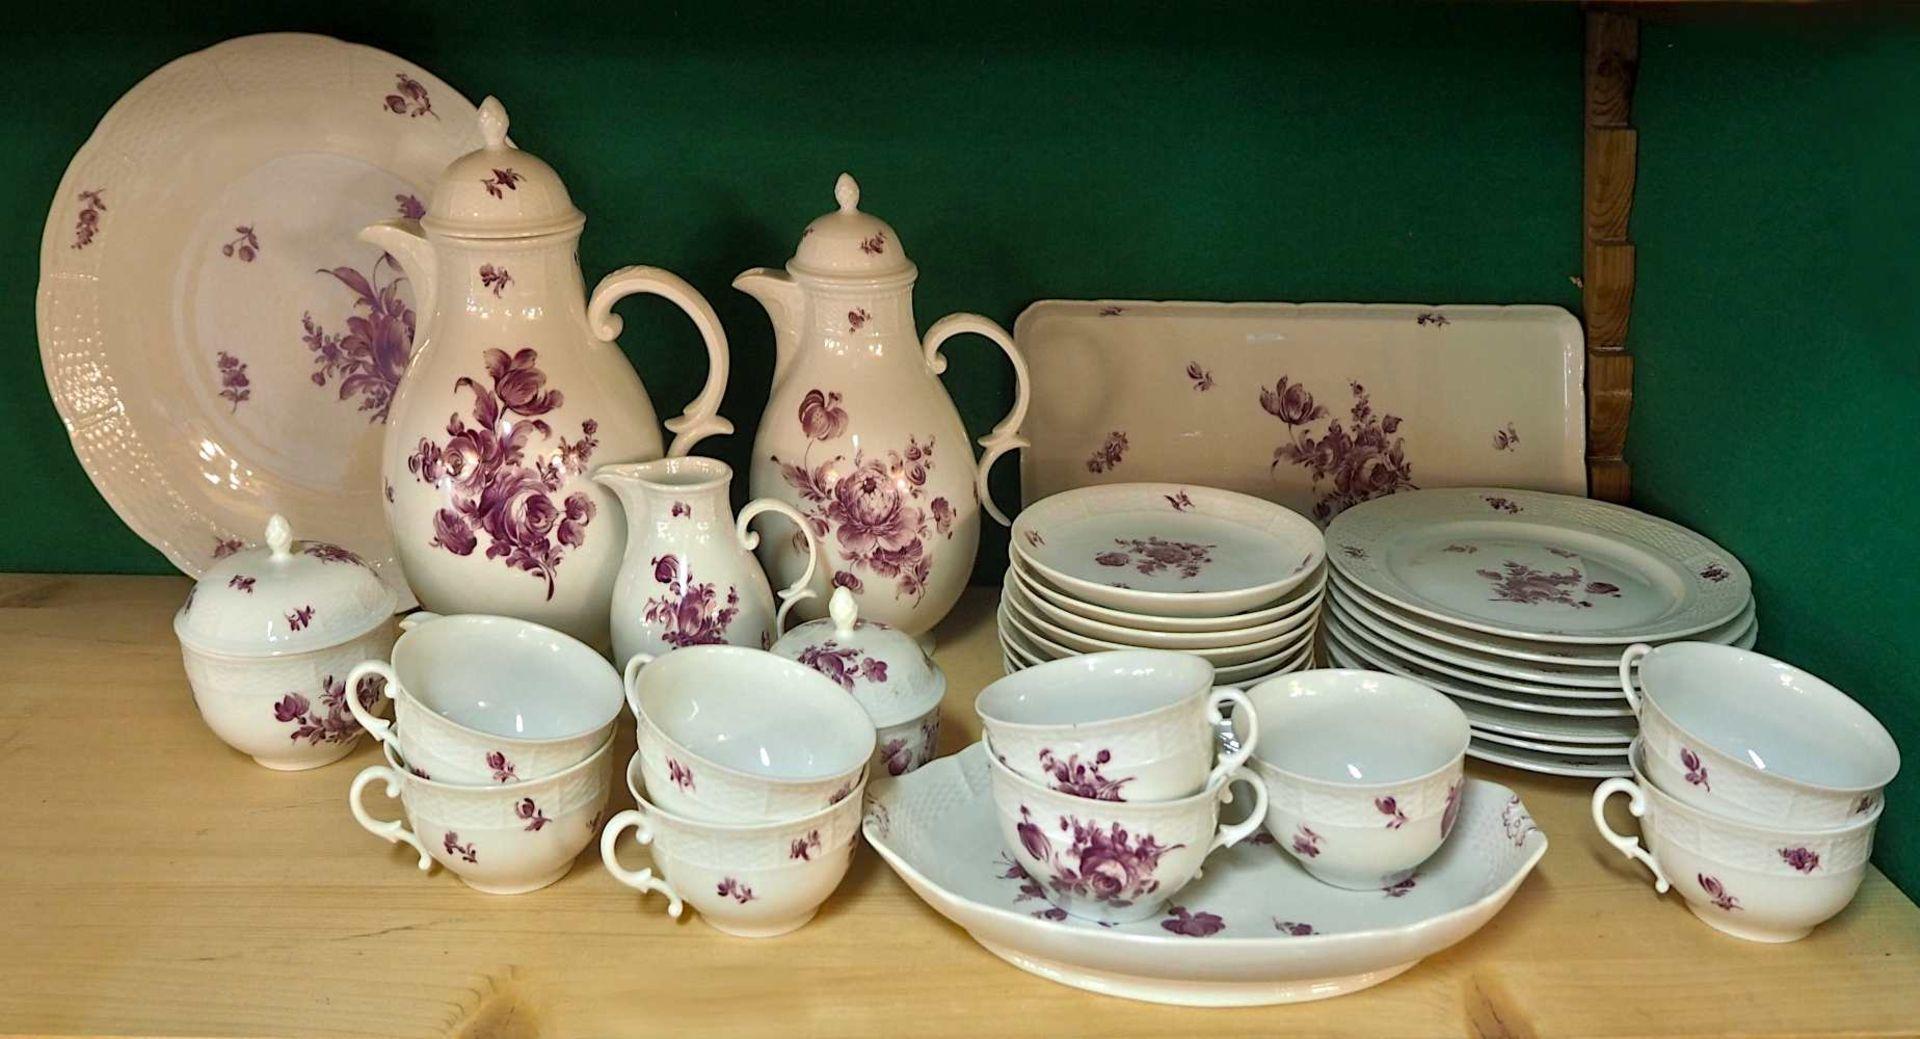 1 Kaffeeservice Porzellan NYMPHENBURG Unterglasurmarke, weiß mit violettem Blumendeko - Bild 3 aus 3